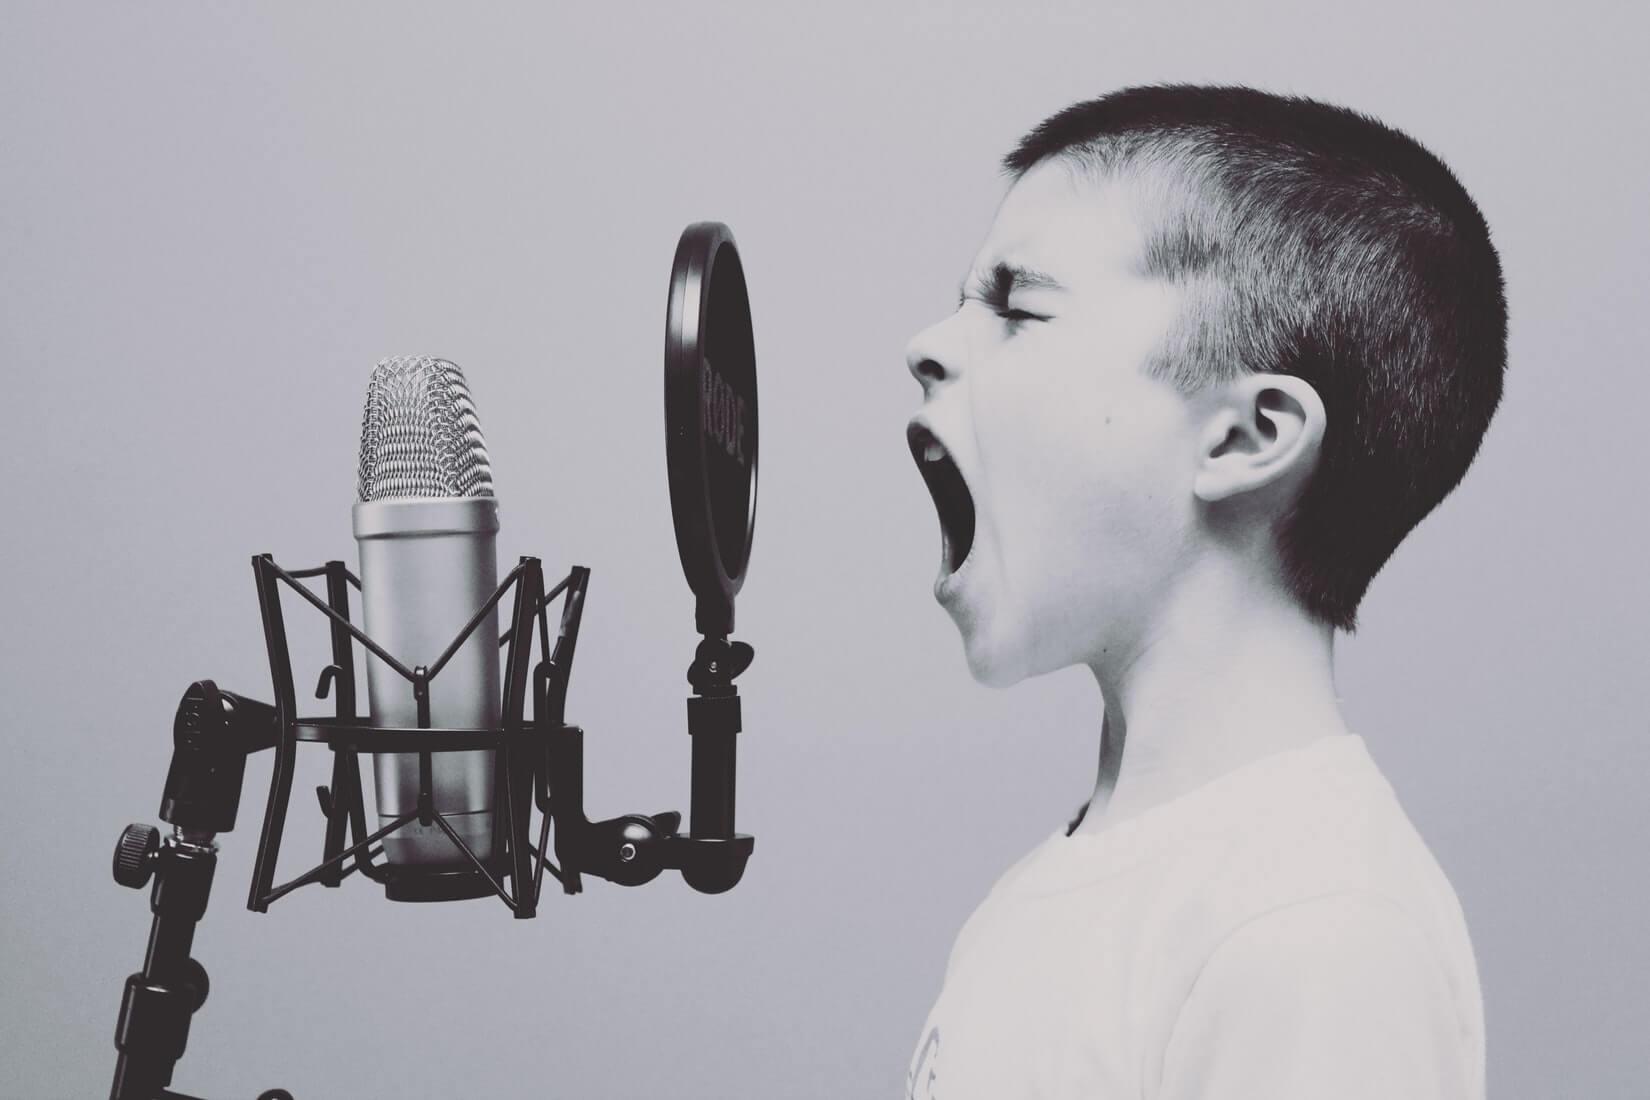 Freebe : Les questions à te poser avant de lancer ton podcast